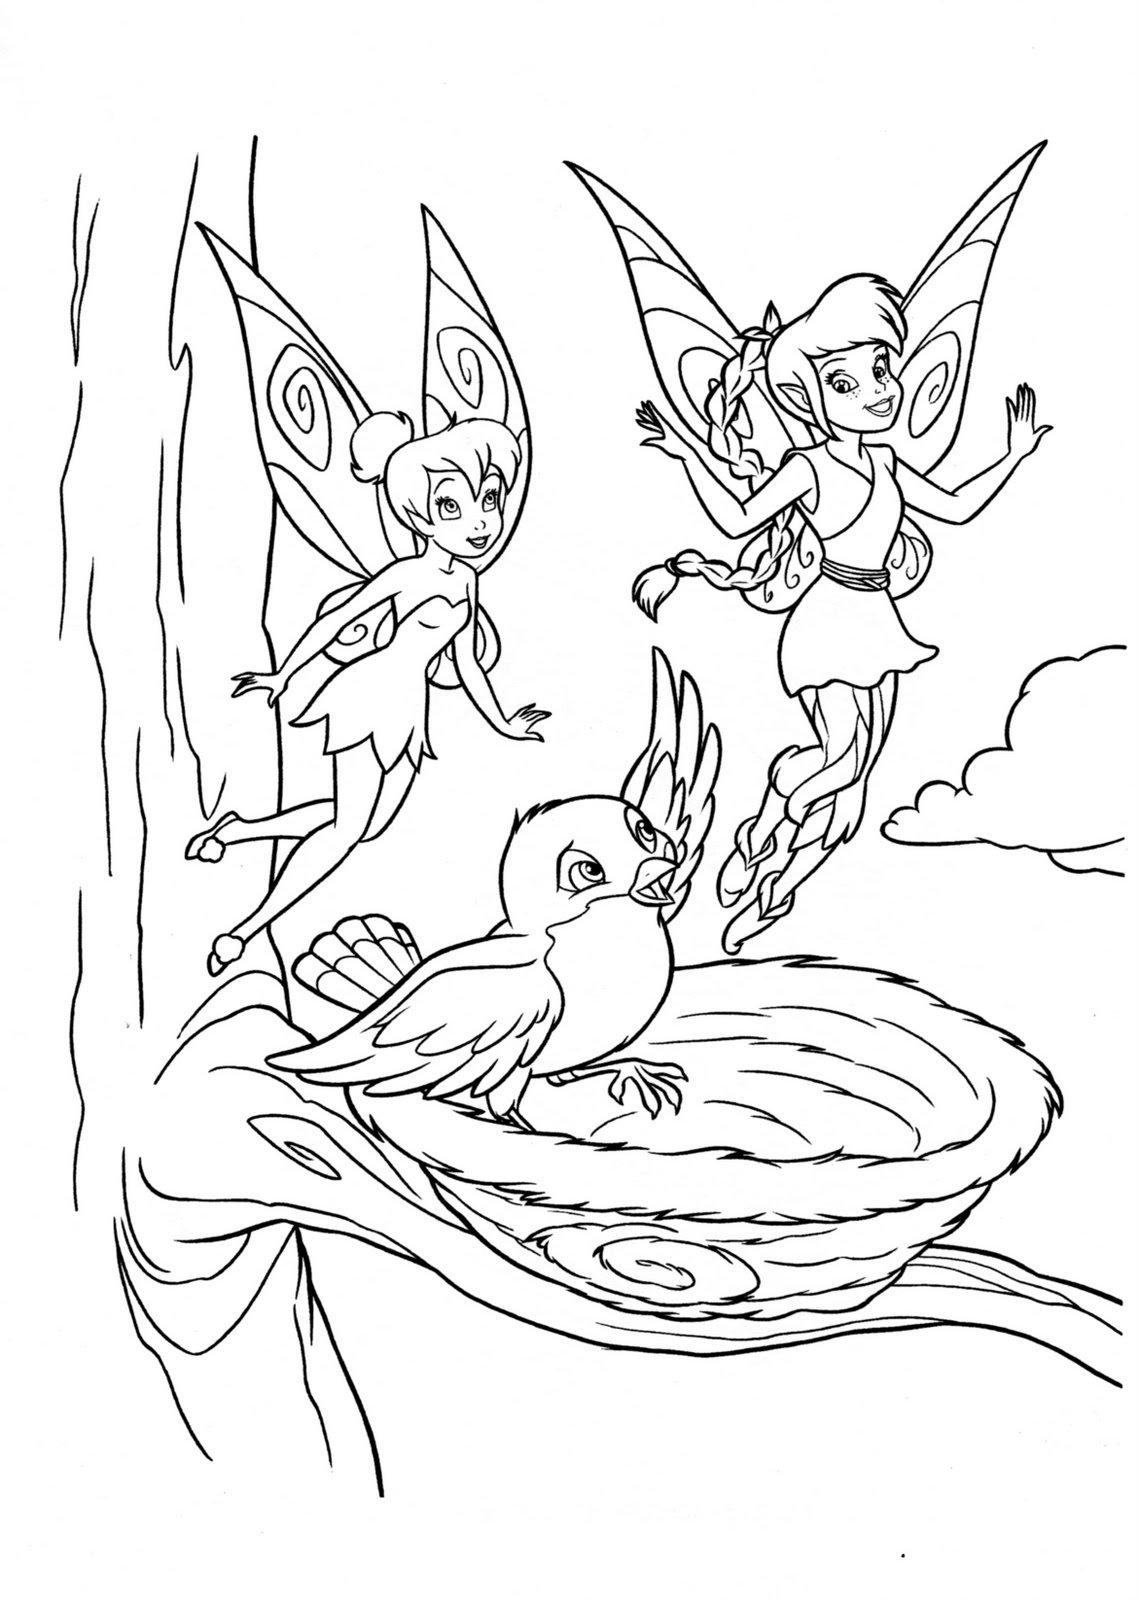 Desenhos Da Tinkerbell Para Colorir  Sininho E Fadas Do Filme, Pintar